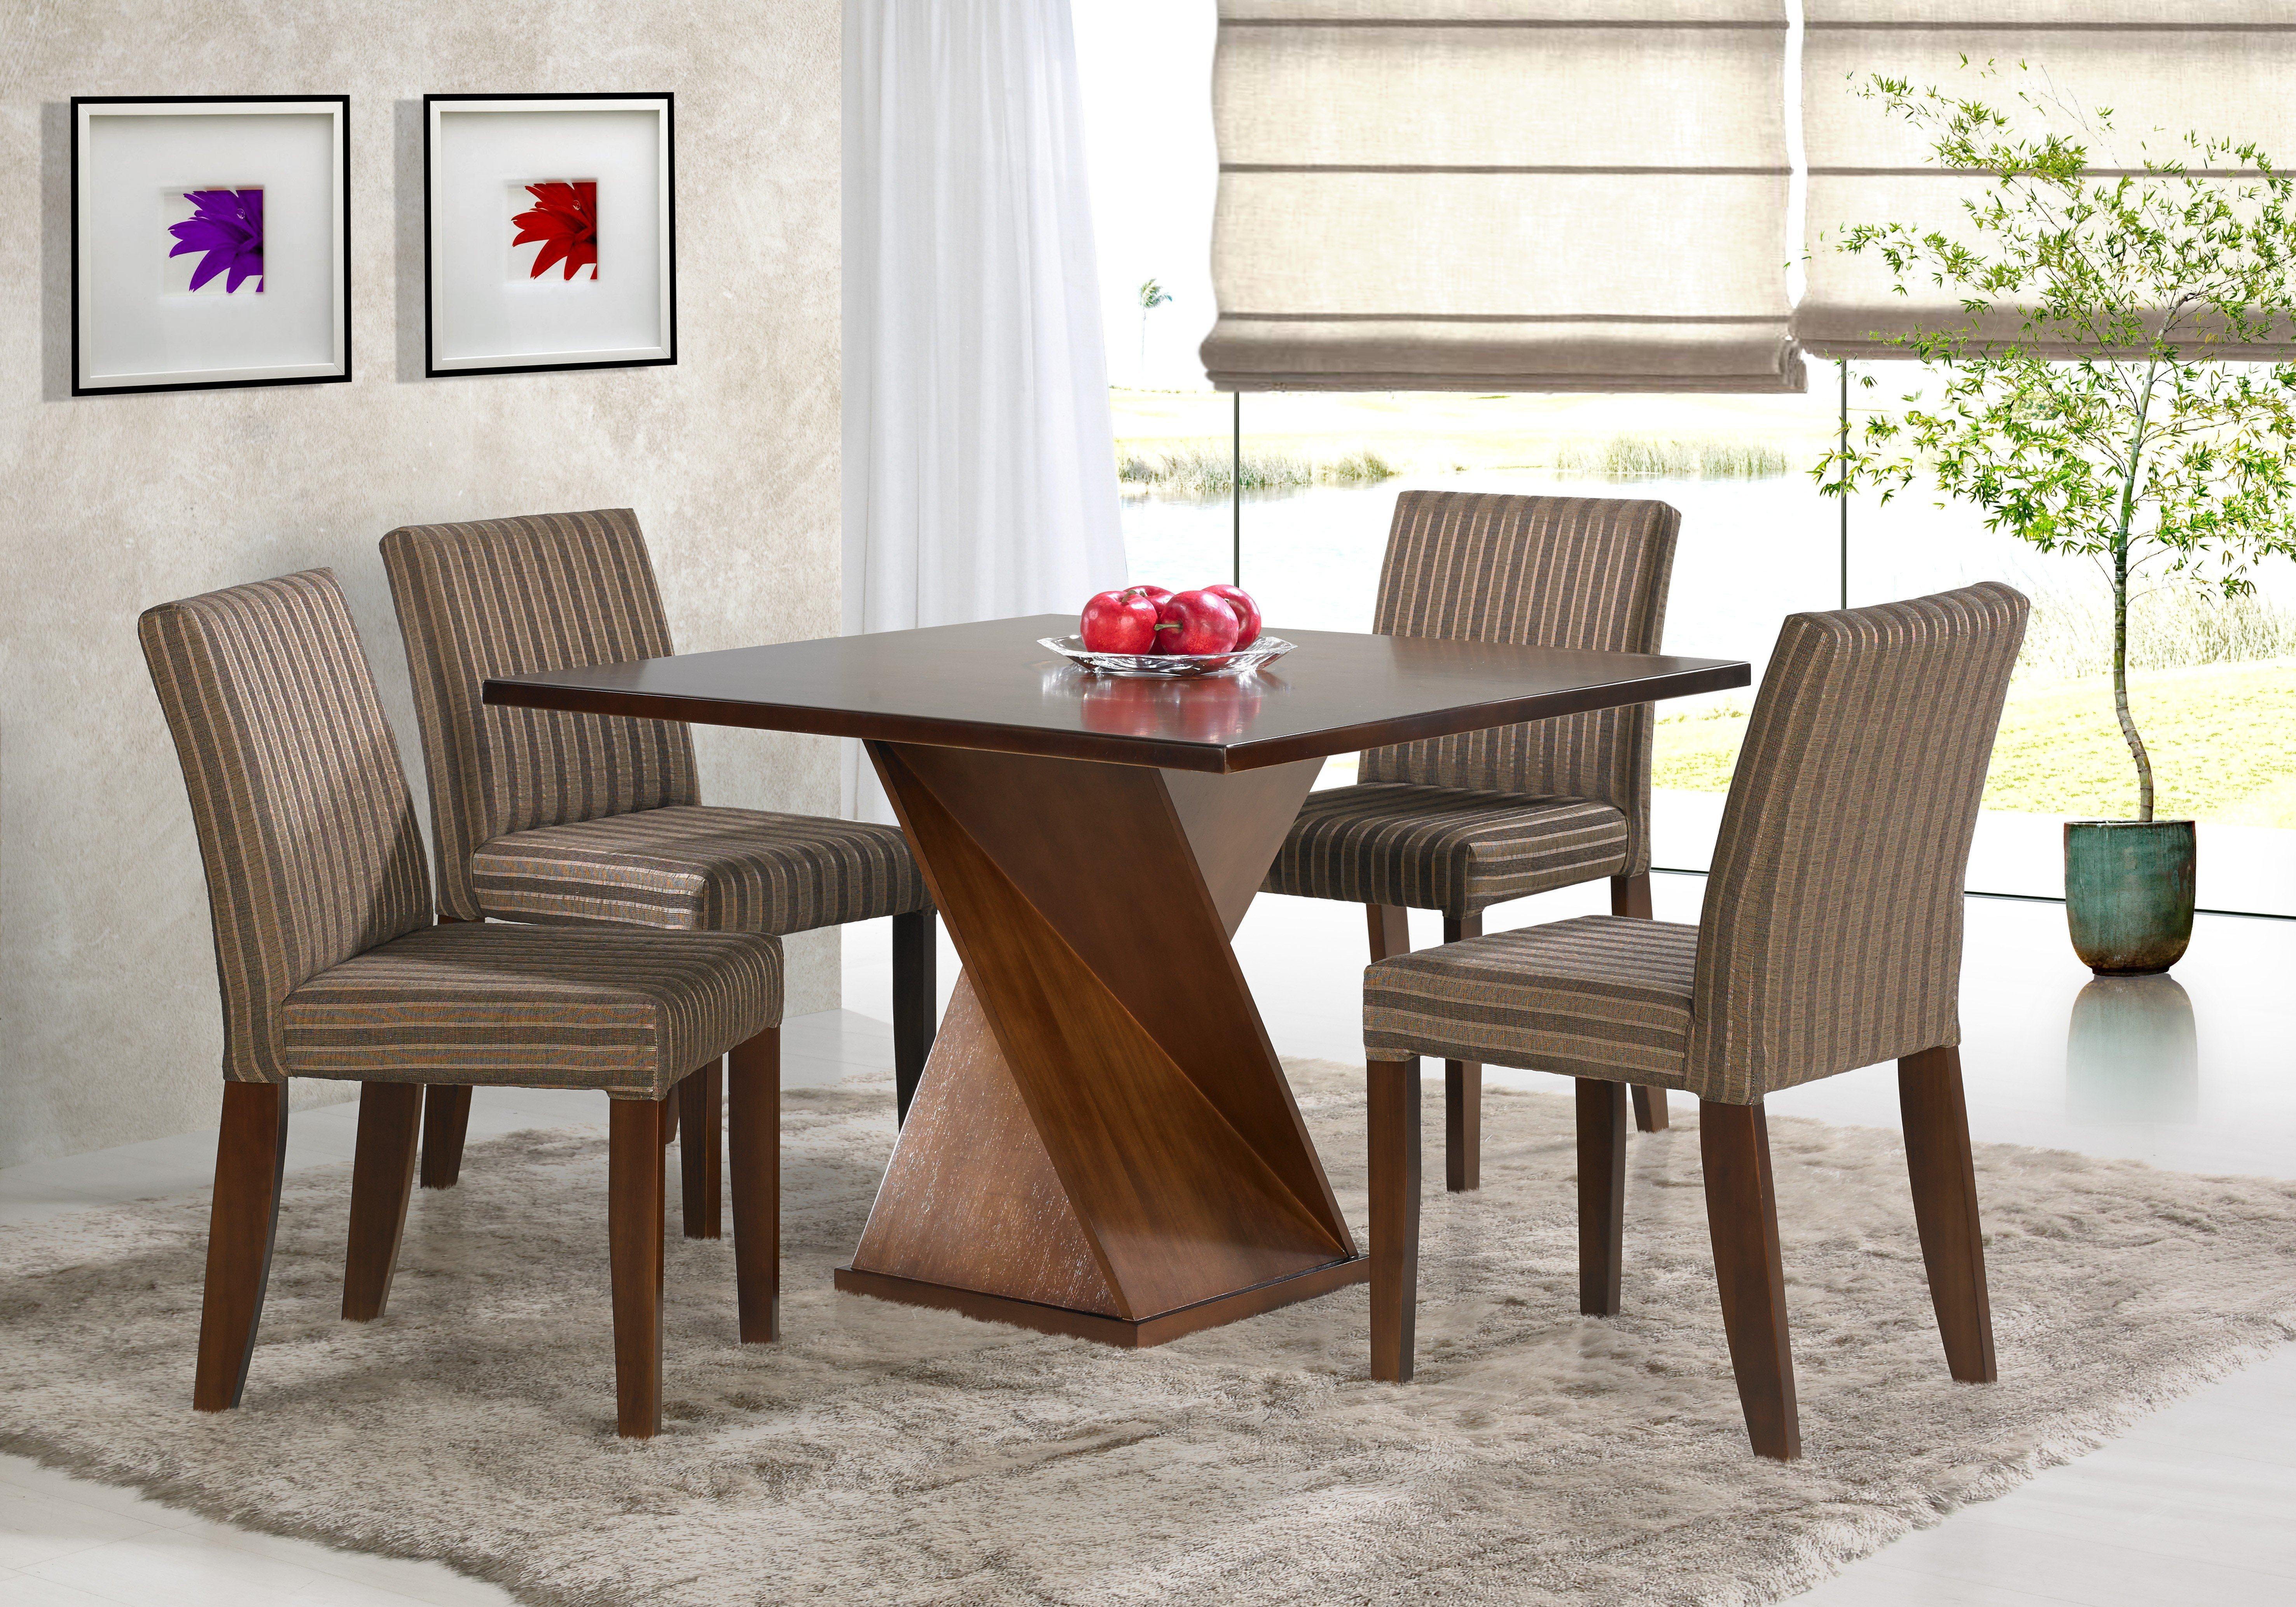 Dicas de mesa para sala de jantar de vidro ou madeira super modernas  #651086 5906x4134